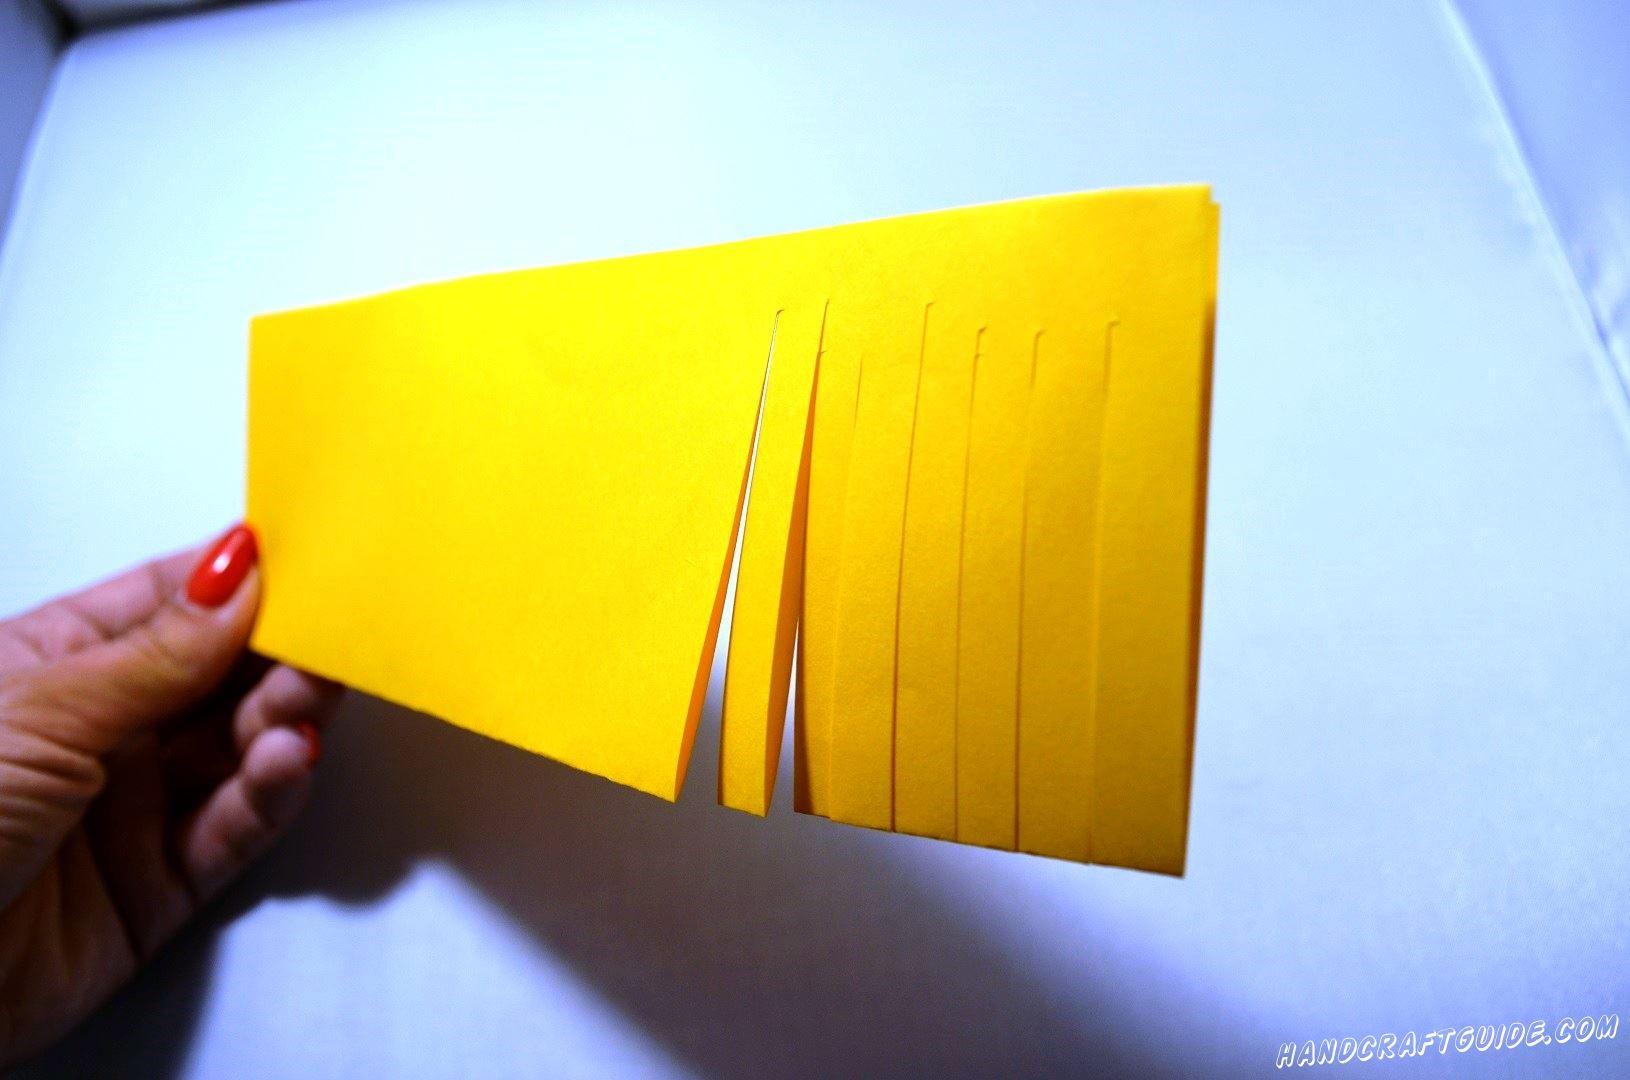 Берем лист желтой бумаги и складываем его вдоль пополам и начинаем делать надрезы со стороны сгиба и не до конца противоположной.